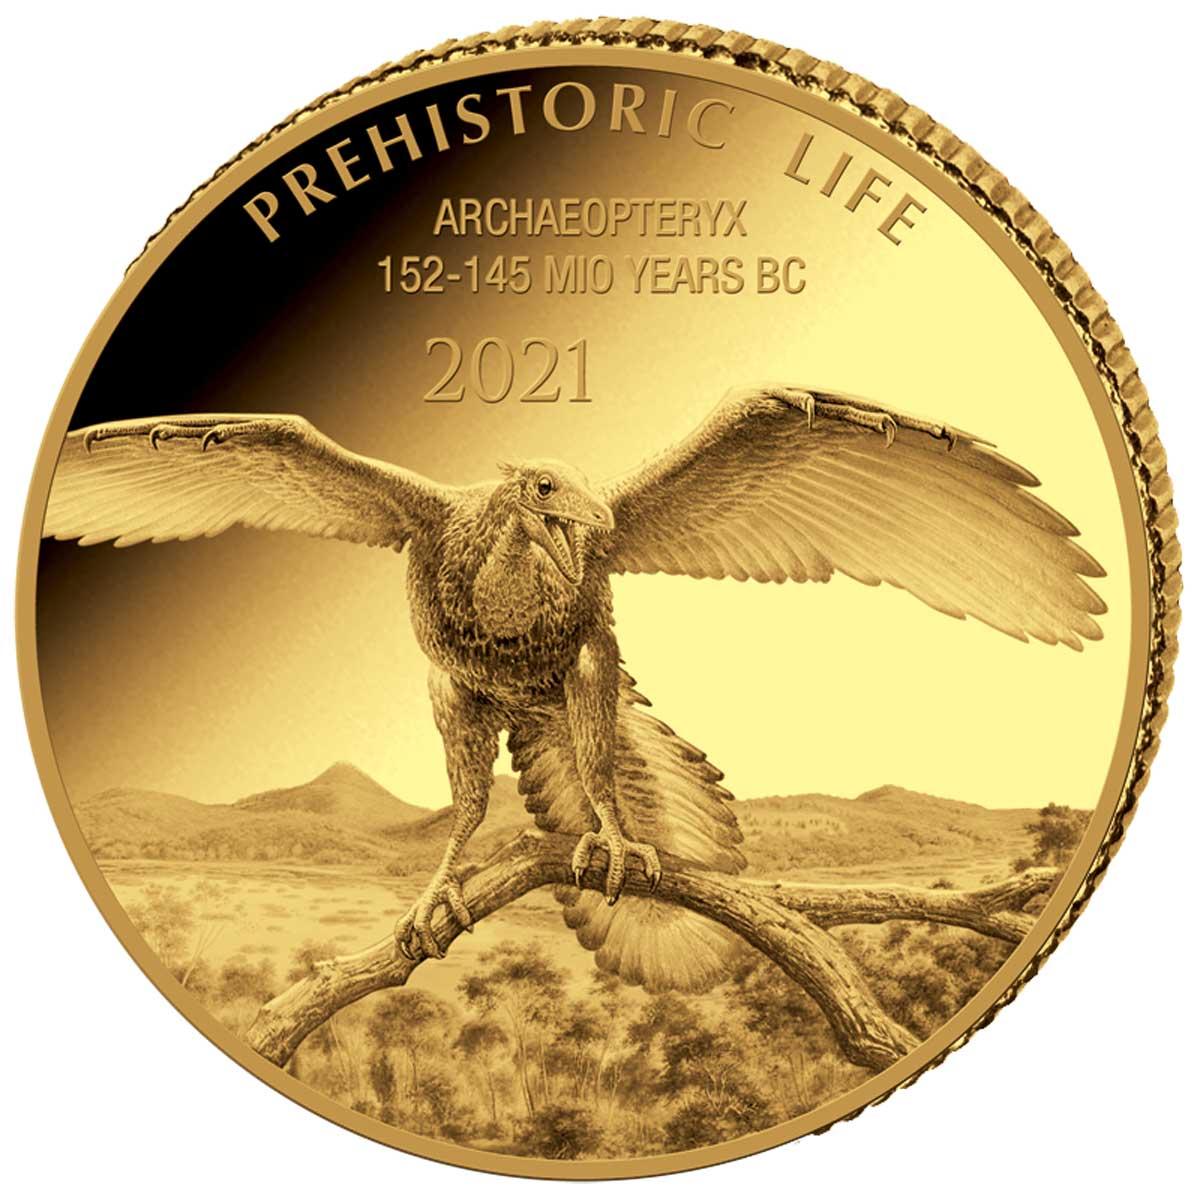 Демократическая Республики Конго выпустила монету 100 франков Археоптерикс, реверс